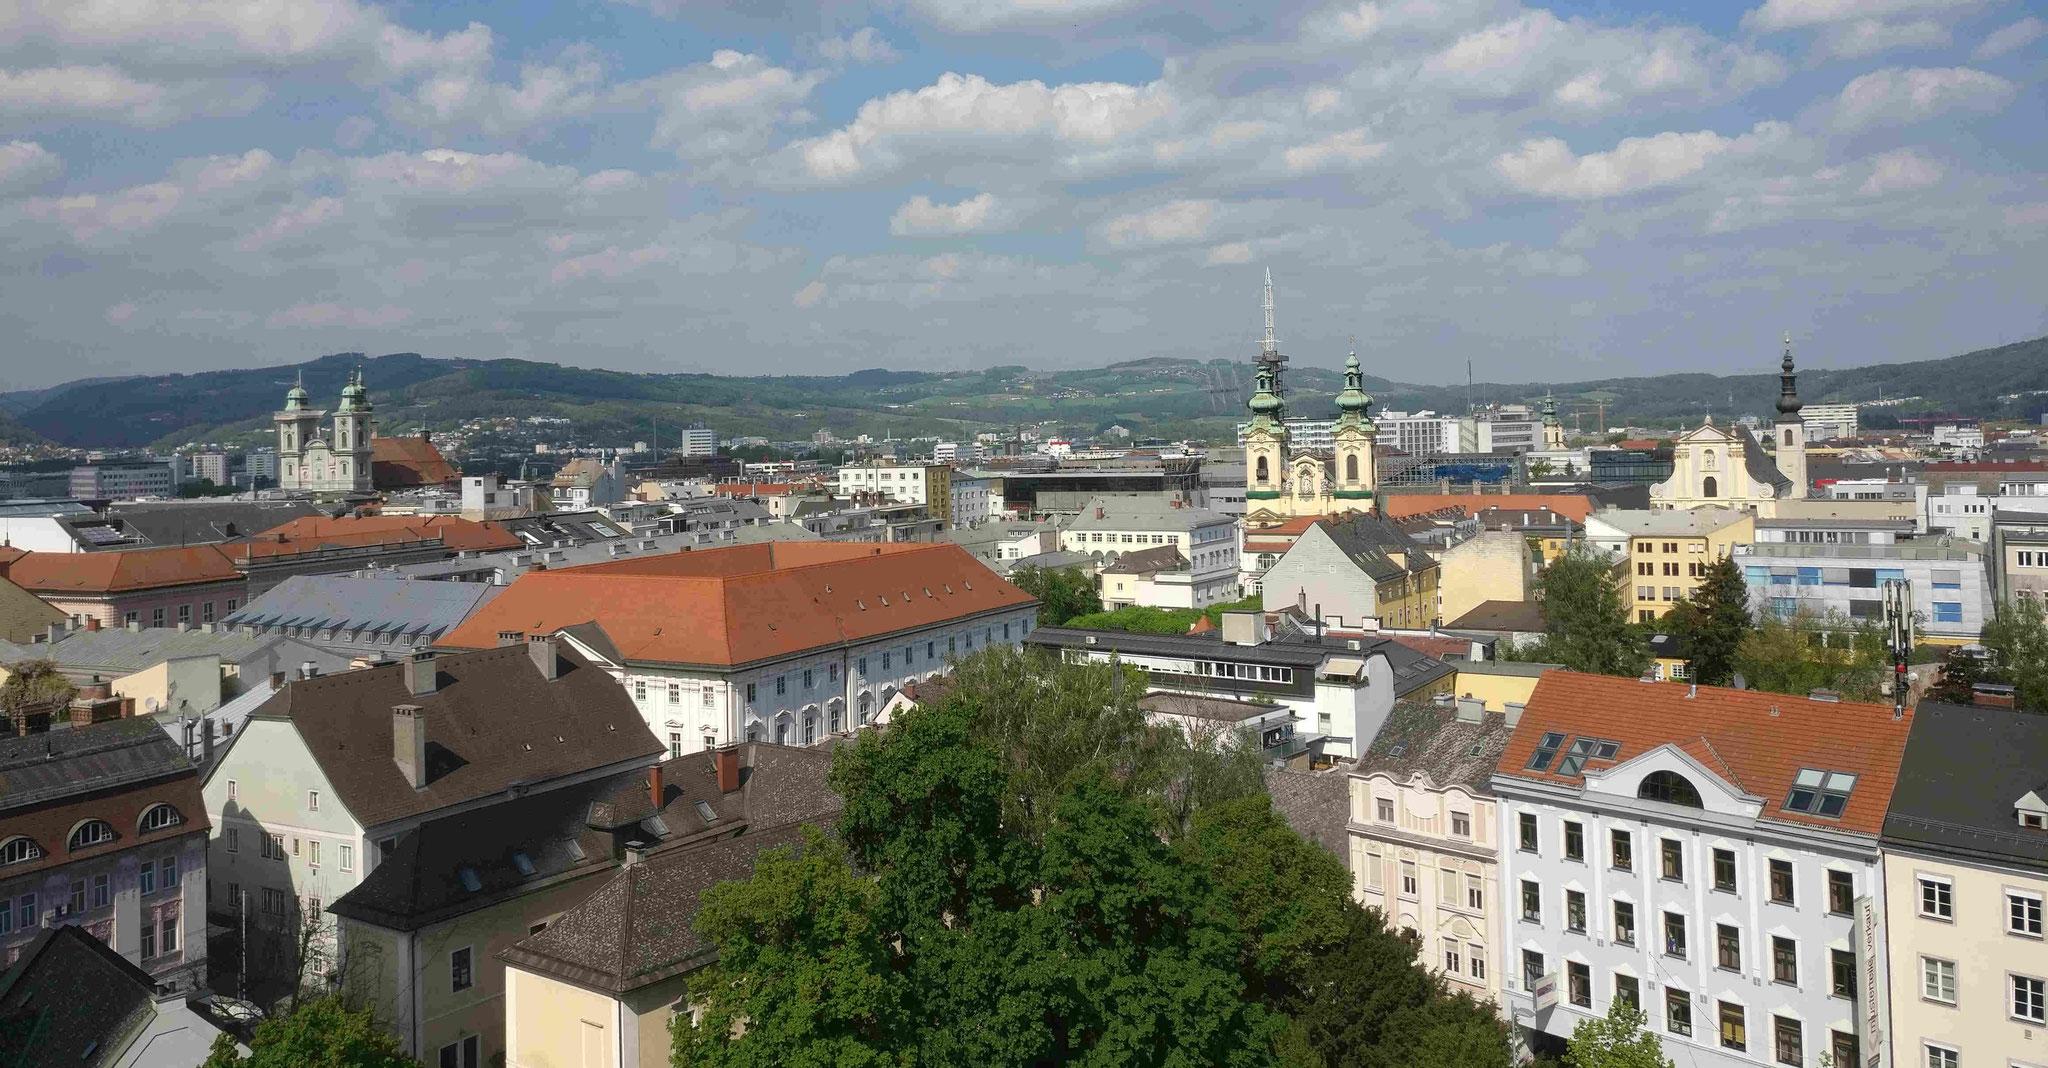 Blick auf Linz vom Mariendom